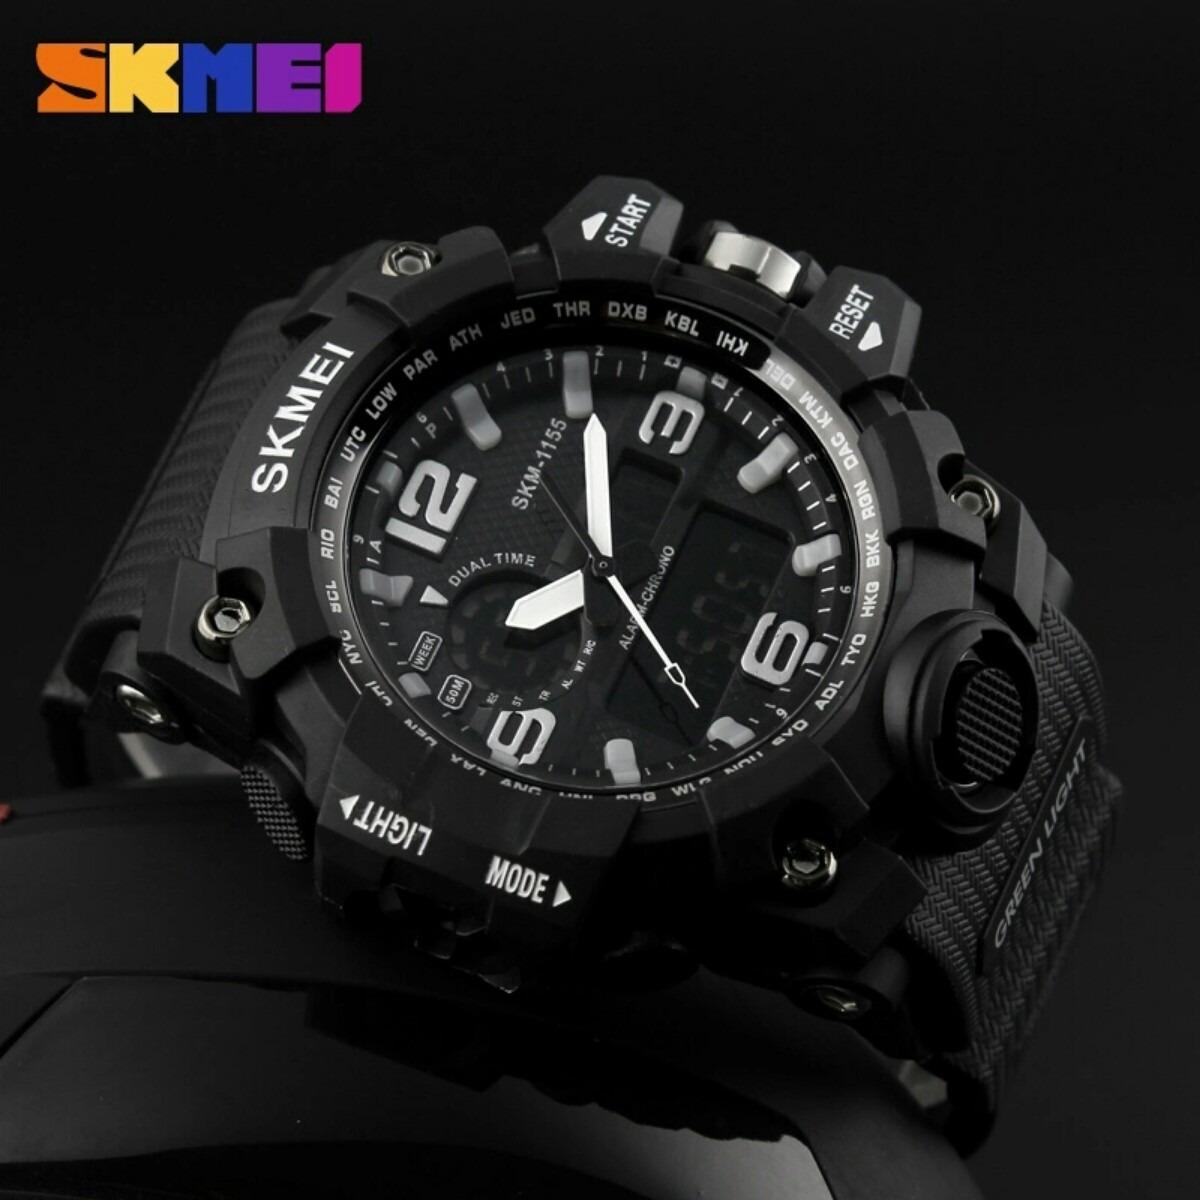 d6b76c67b07 Relógio Ana dig Prova D água S-shock Skmei 1155 Preto - R  75